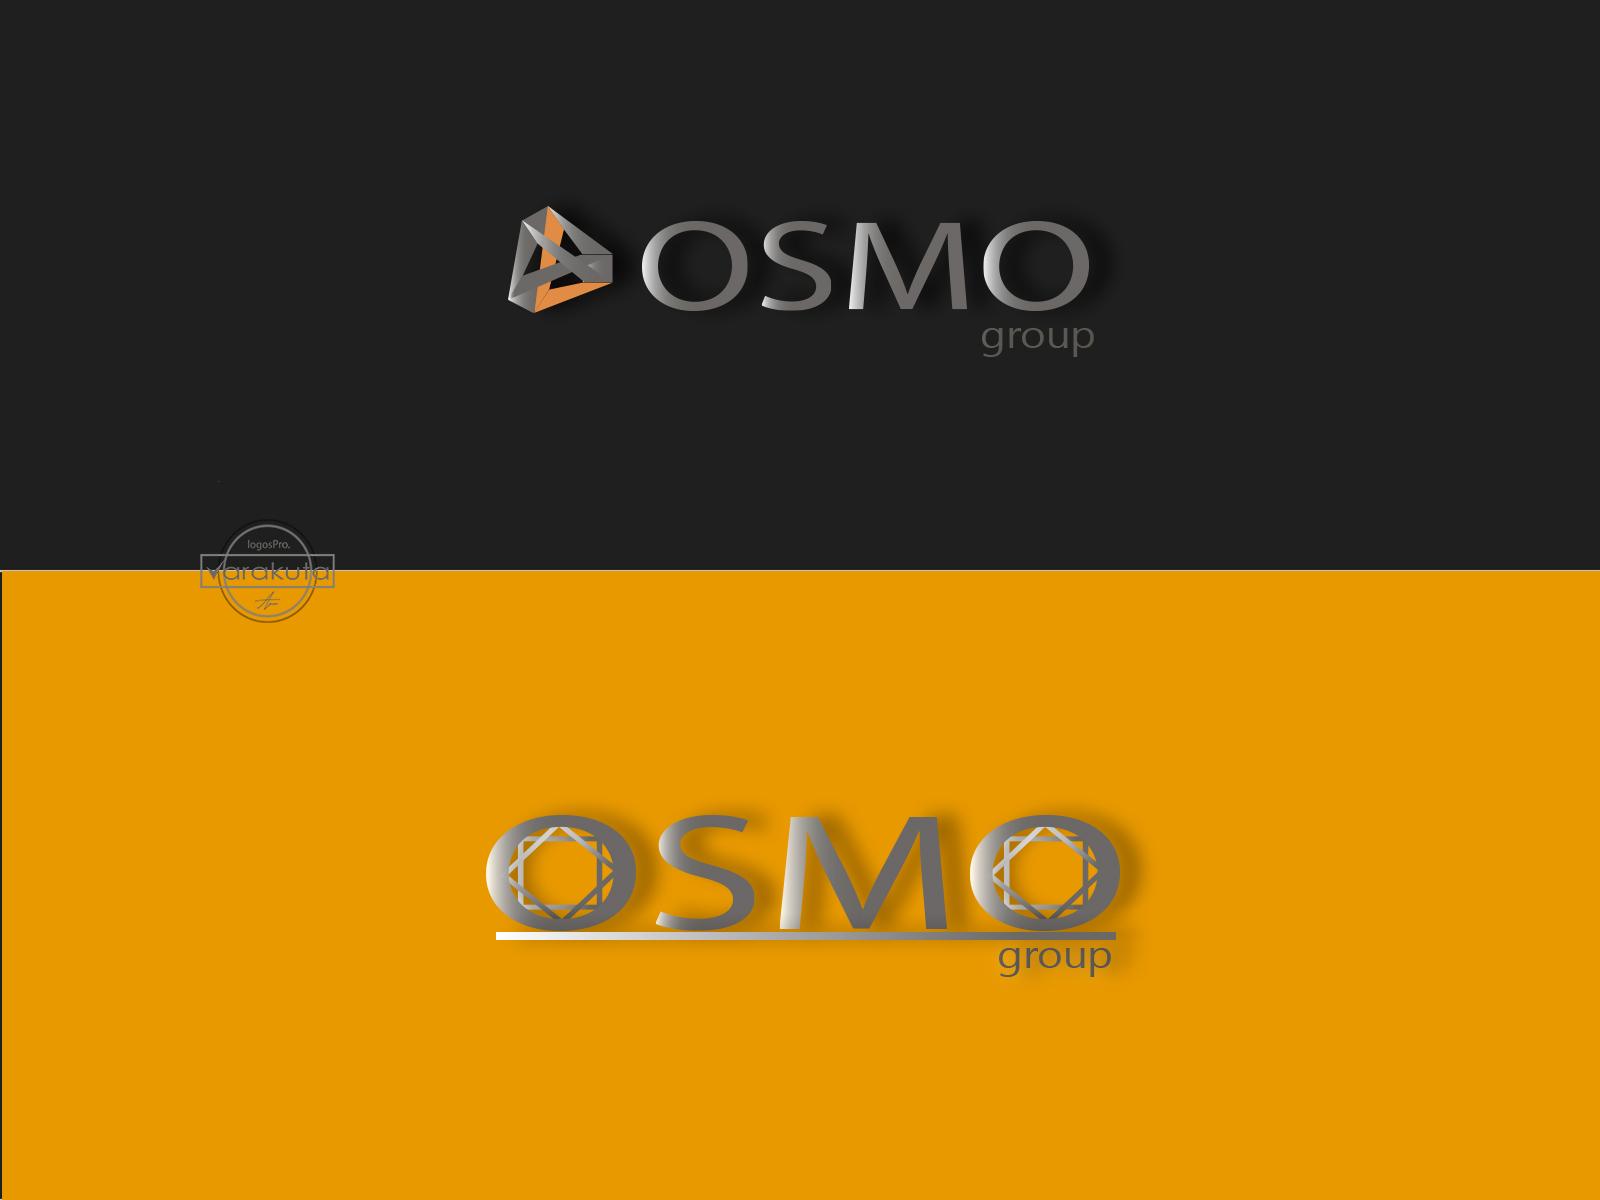 Создание логотипа для строительной компании OSMO group  фото f_95559b6b9d35383c.jpg